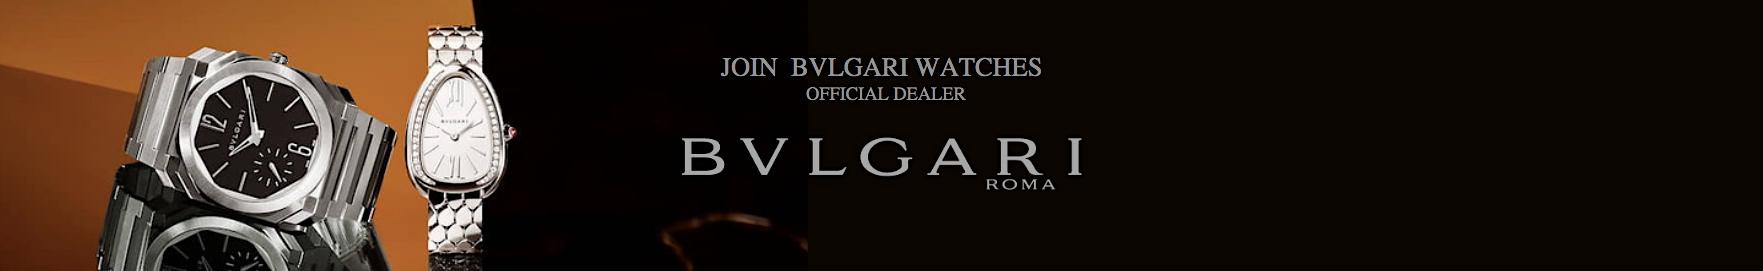 JOIN BVLGARI WATCHES